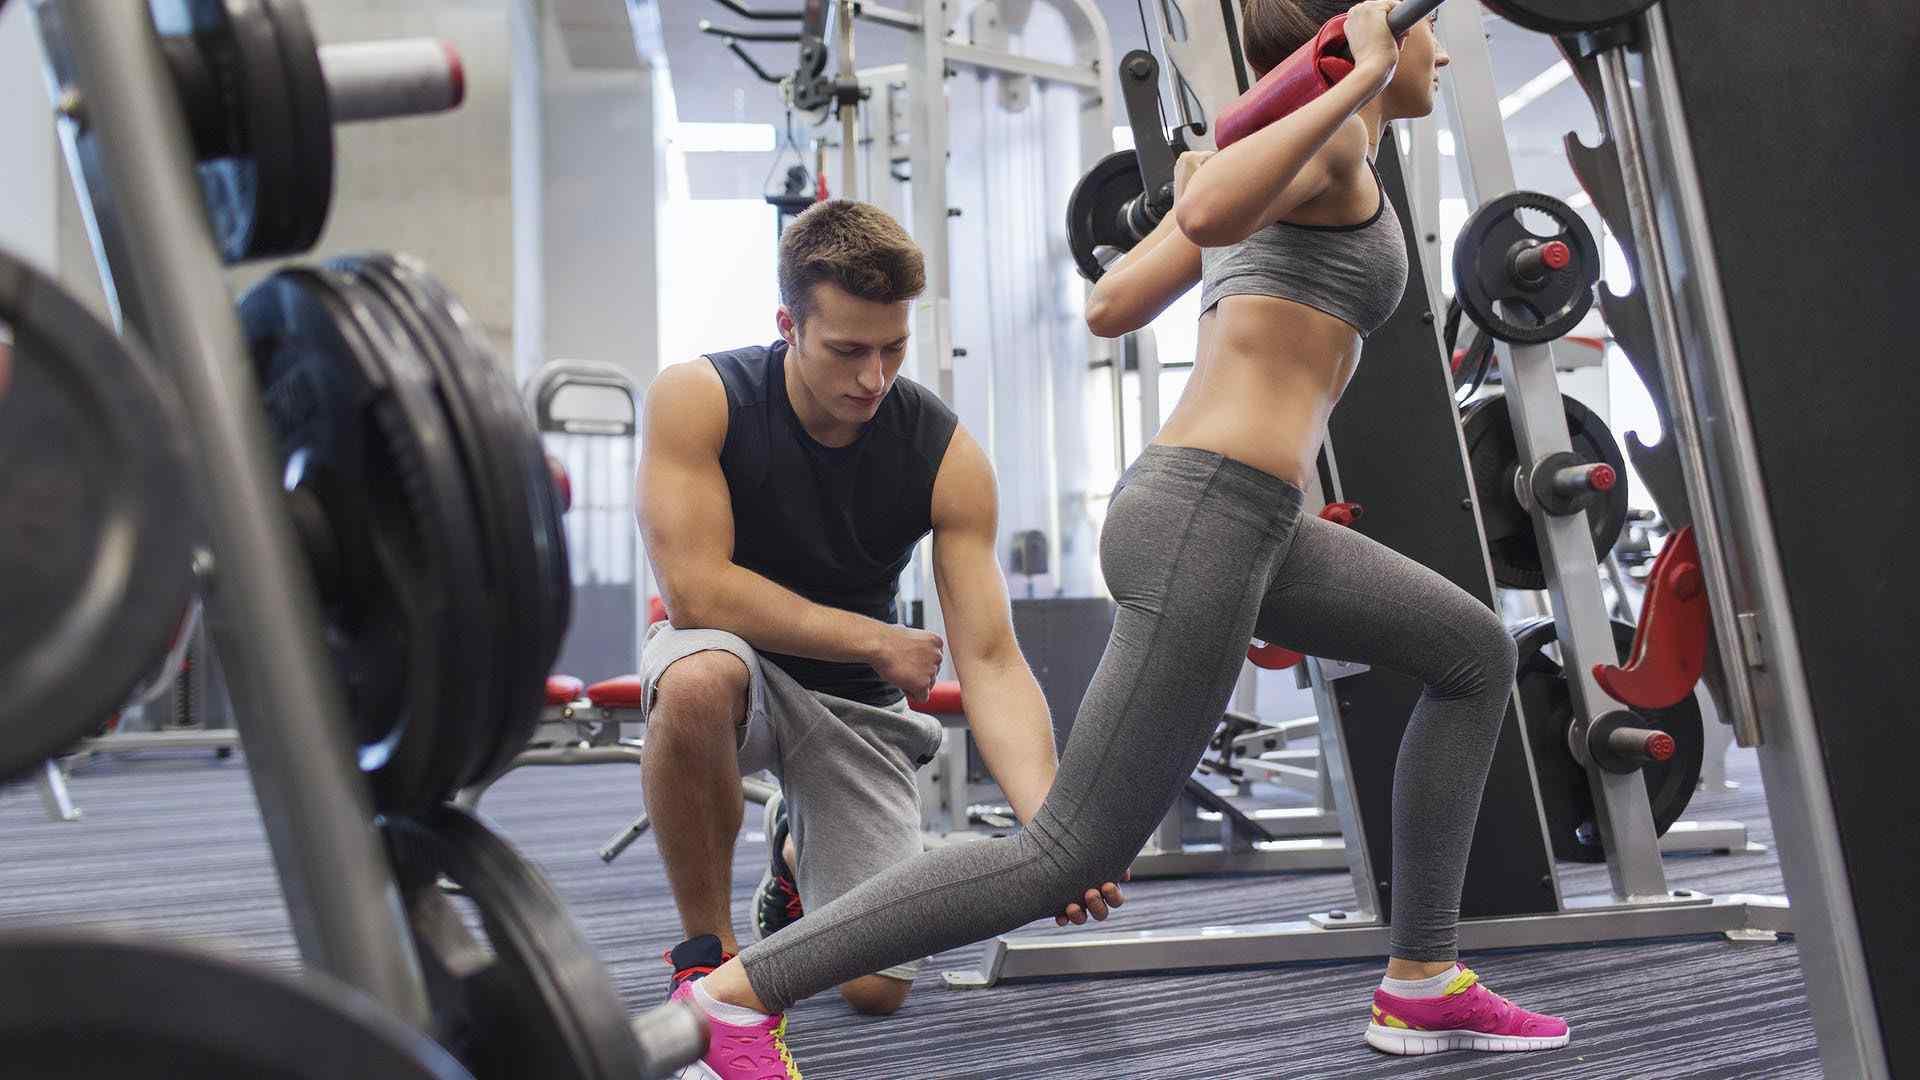 健身房运动系列 健身图片 有氧健身 健身女神